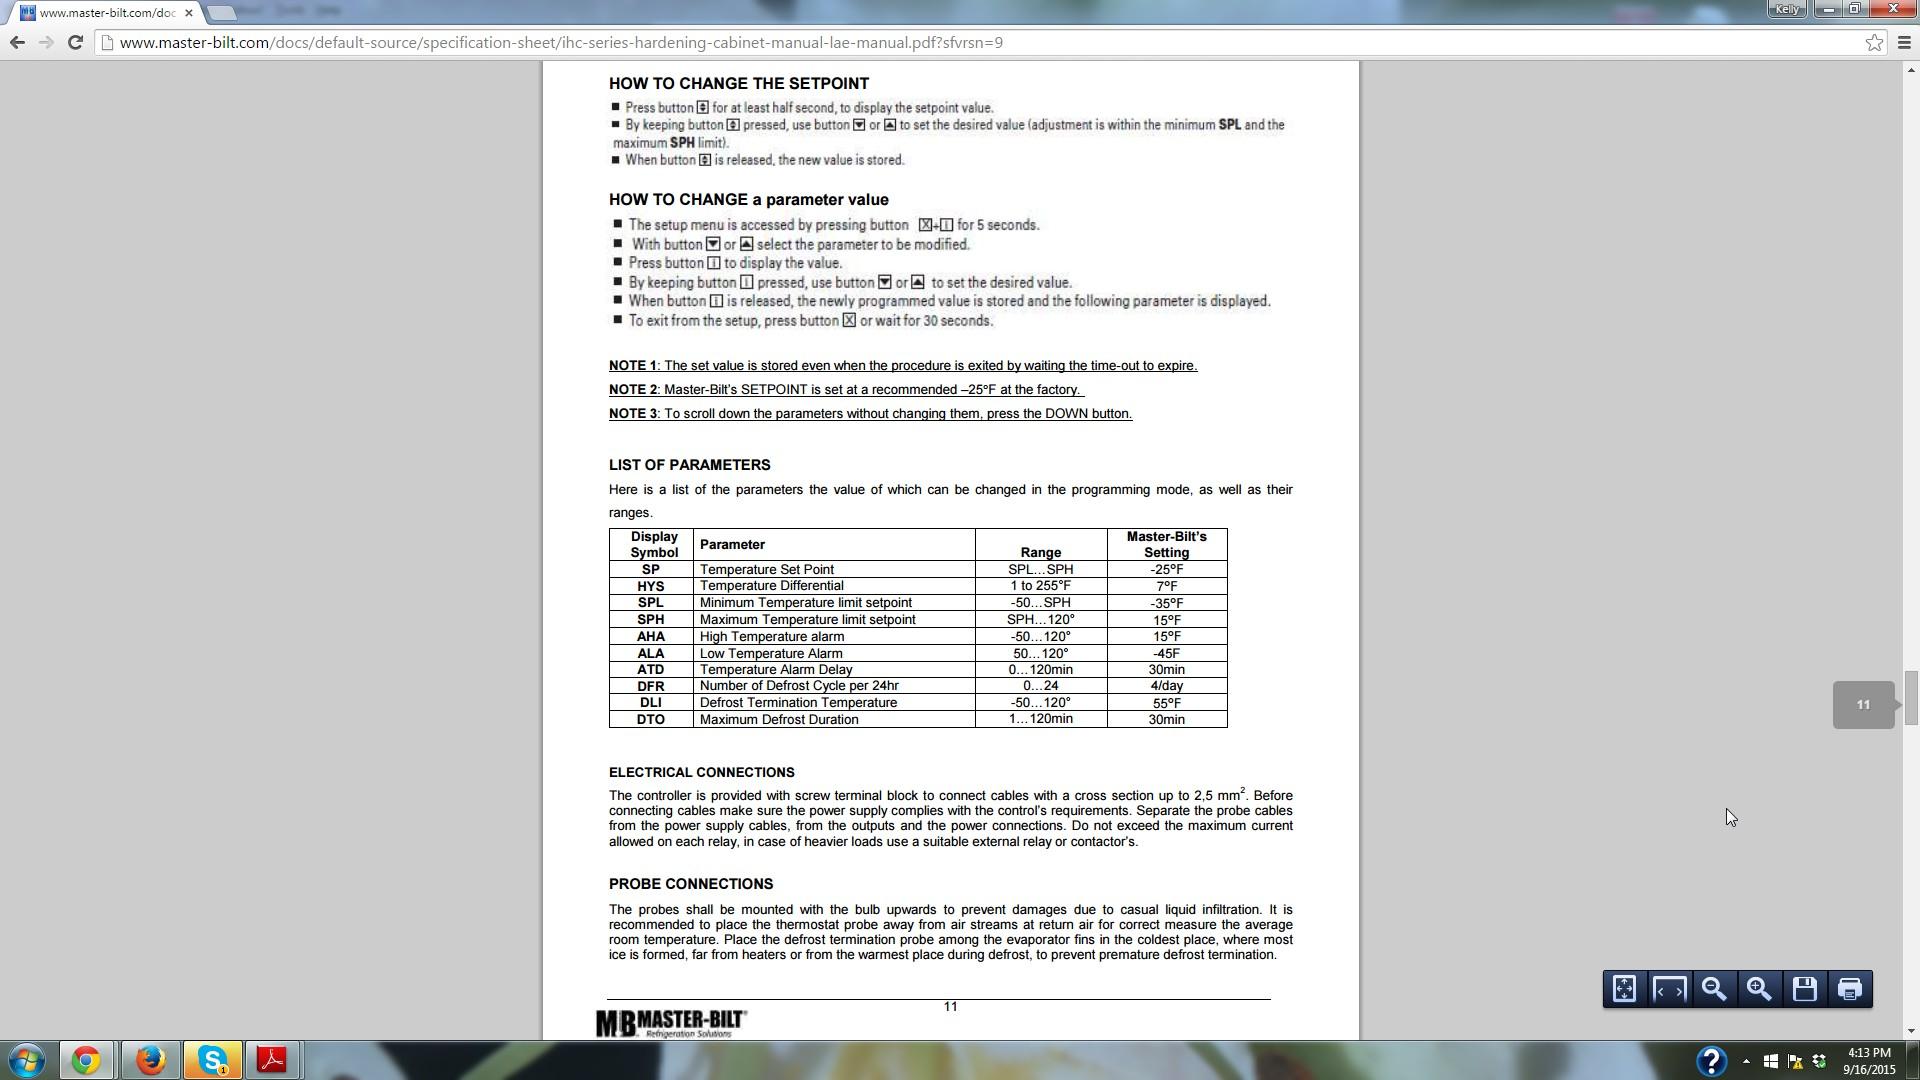 db53d580-cdf2-4eb9-829e-d7ebfb1dfa73_ScreenHunter_1242 Sep. 16 16.13.jpg